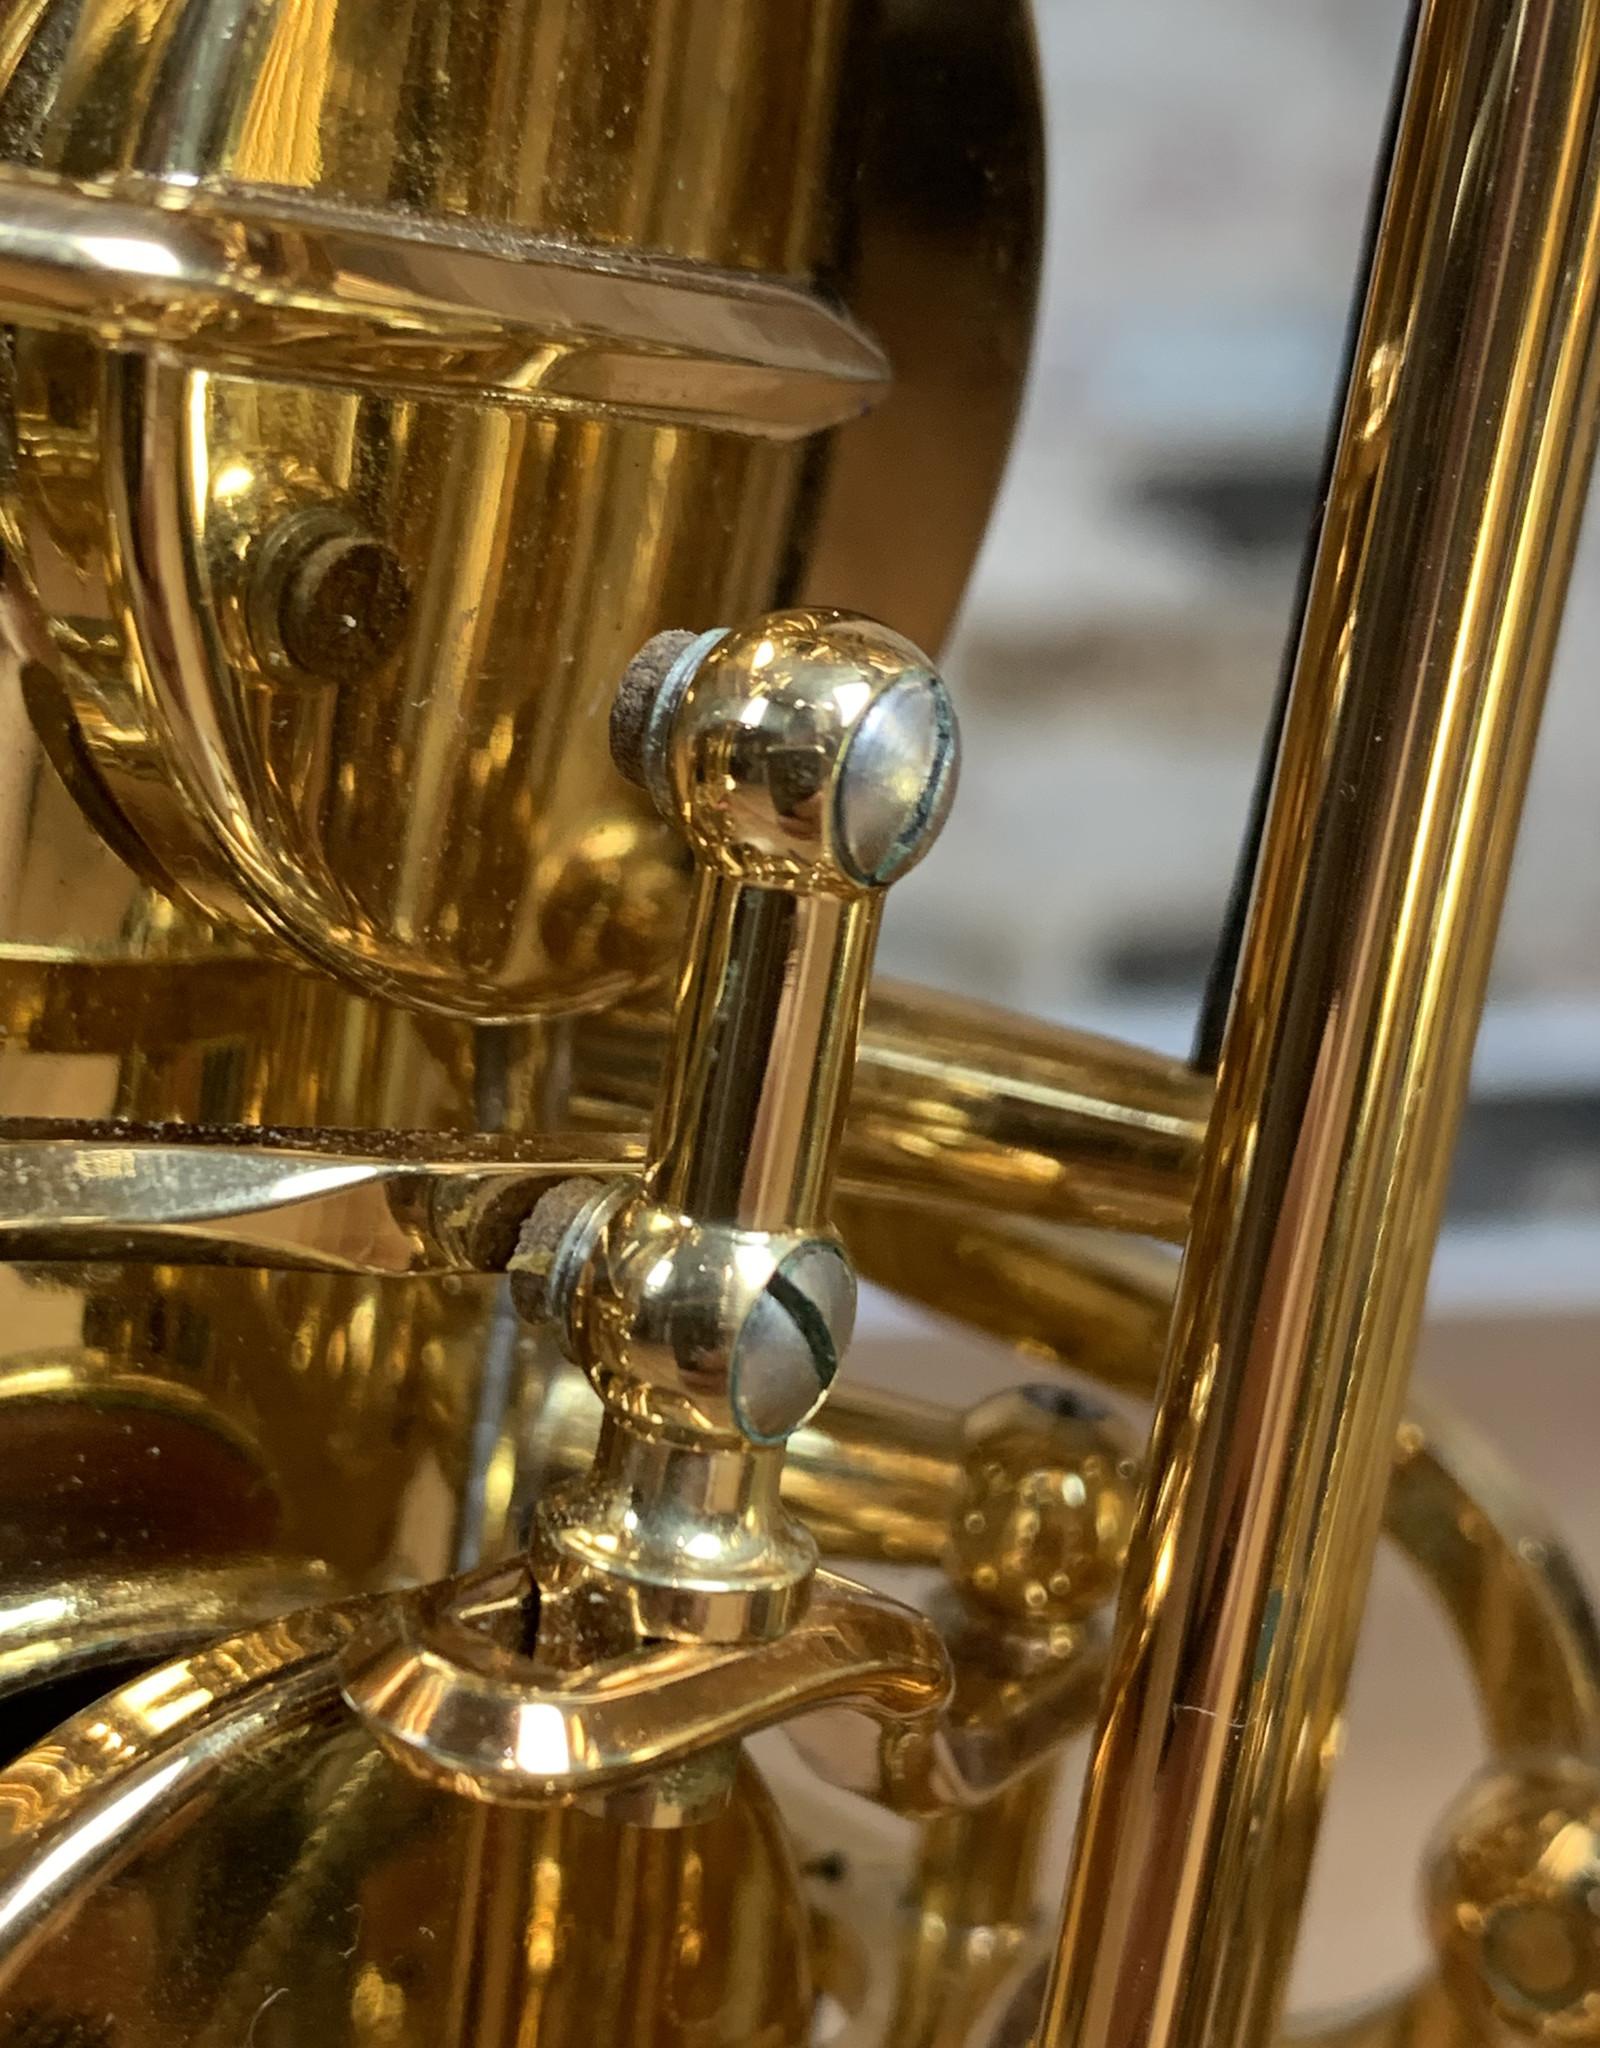 Yamaha Yamaha YTS 62 III Tenor Saxophone in great condition